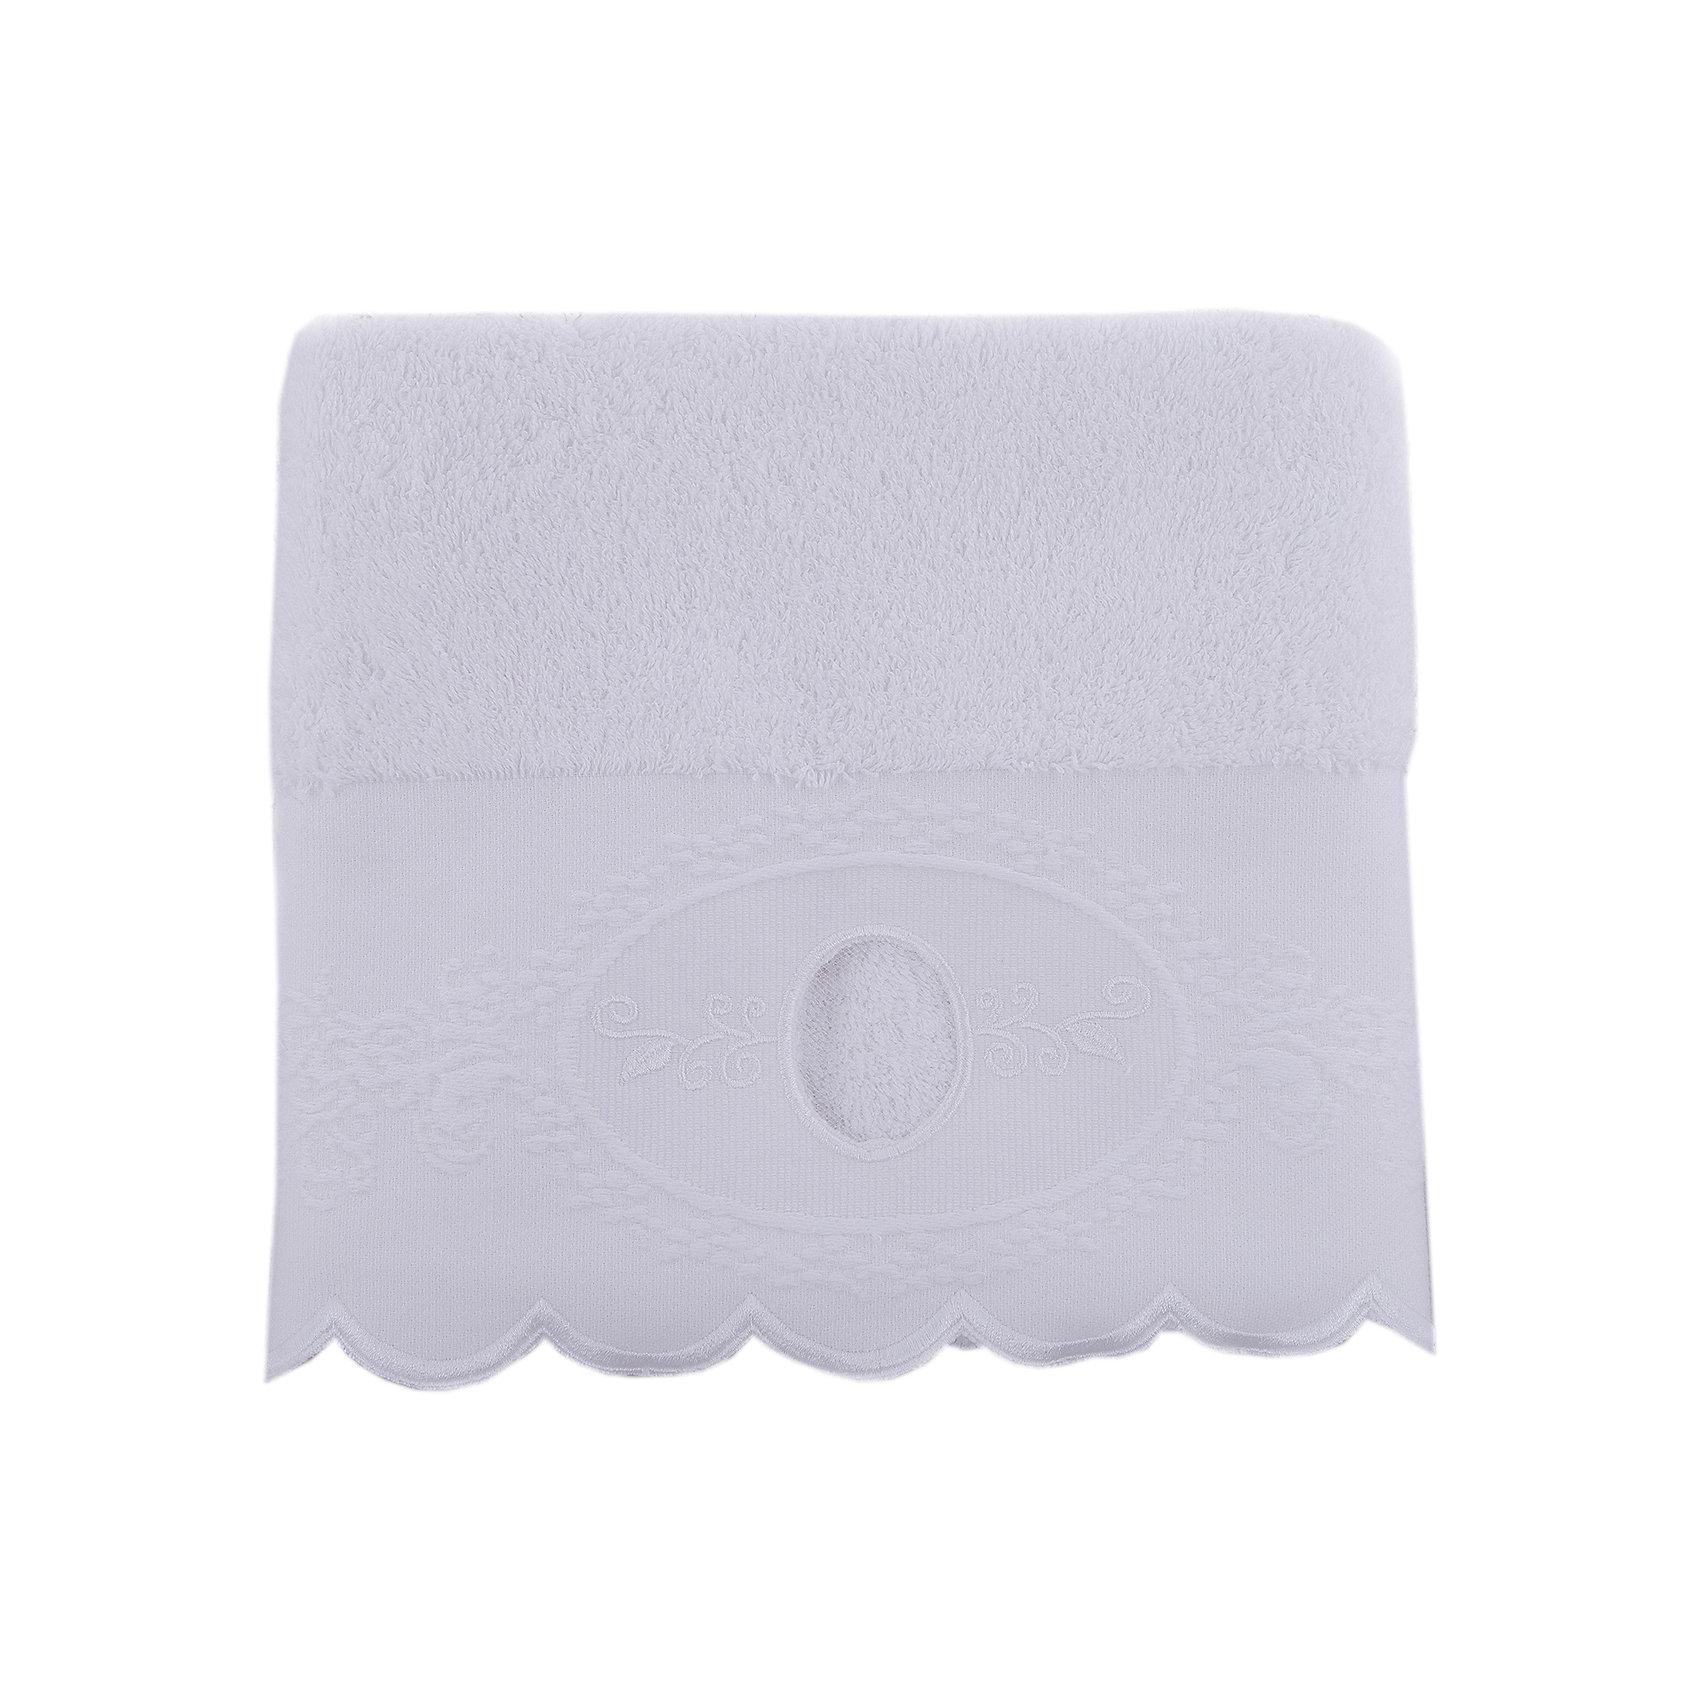 Полотенце махровое 50*90 Жаклин, Cozy Home, белыйВанная комната<br>Полотенце махровое 50*90 Жаклин, Cozy Home (Кози Хоум), белый<br><br>Характеристики:<br><br>• хорошо впитывает влагу<br>• изысканный дизайн<br>• материал: хлопок<br>• размер: 50х90 см<br>• цвет: белый<br><br>Махровое полотенце от Cozy Home порадует вас своей мягкостью и прочностью. Оно изготовлено из качественного хлопка. Как известно, хлопок - гипоаллергенный материал, приятный телу. Он не теряет свою форму, практически не мнется и даже обладает антибактериальными свойствами. Полотенца из хлопка хорошо впитывают влагу, обладая высокой гигроскопичностью. Полотенце дополнено волнистым узором, вышивкой по краю и отлично подойдет к любому интерьеру ванной комнаты.<br><br>Полотенце махровое 50*90 Жаклин, Cozy Home (Кози Хоум), белый вы можете купить в нашем интернет-магазине.<br><br>Ширина мм: 150<br>Глубина мм: 250<br>Высота мм: 150<br>Вес г: 250<br>Возраст от месяцев: 0<br>Возраст до месяцев: 216<br>Пол: Унисекс<br>Возраст: Детский<br>SKU: 5355282